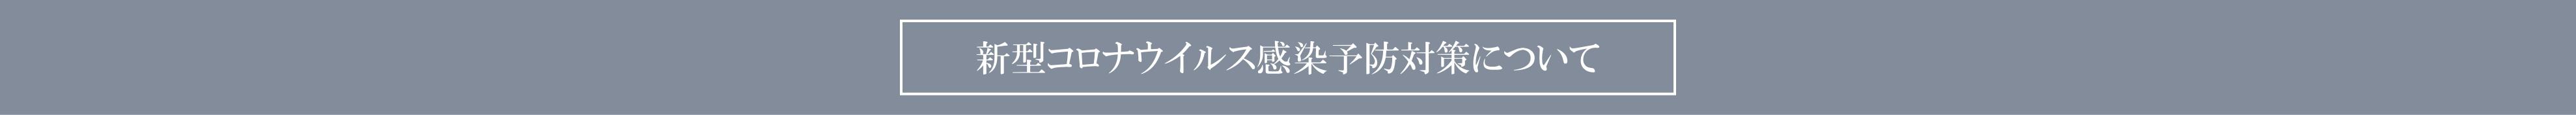 画像:新潟のホットヨガ&フィットネス・スタジオ リバース(Re:Birth)  ホットヨガもエアヨガもマシンジムも全てのプログラムとすべての施設が使い放題!ただいまお得な入会キャンペーン実施中 同時開催ホットヨガ体験料金1,000円